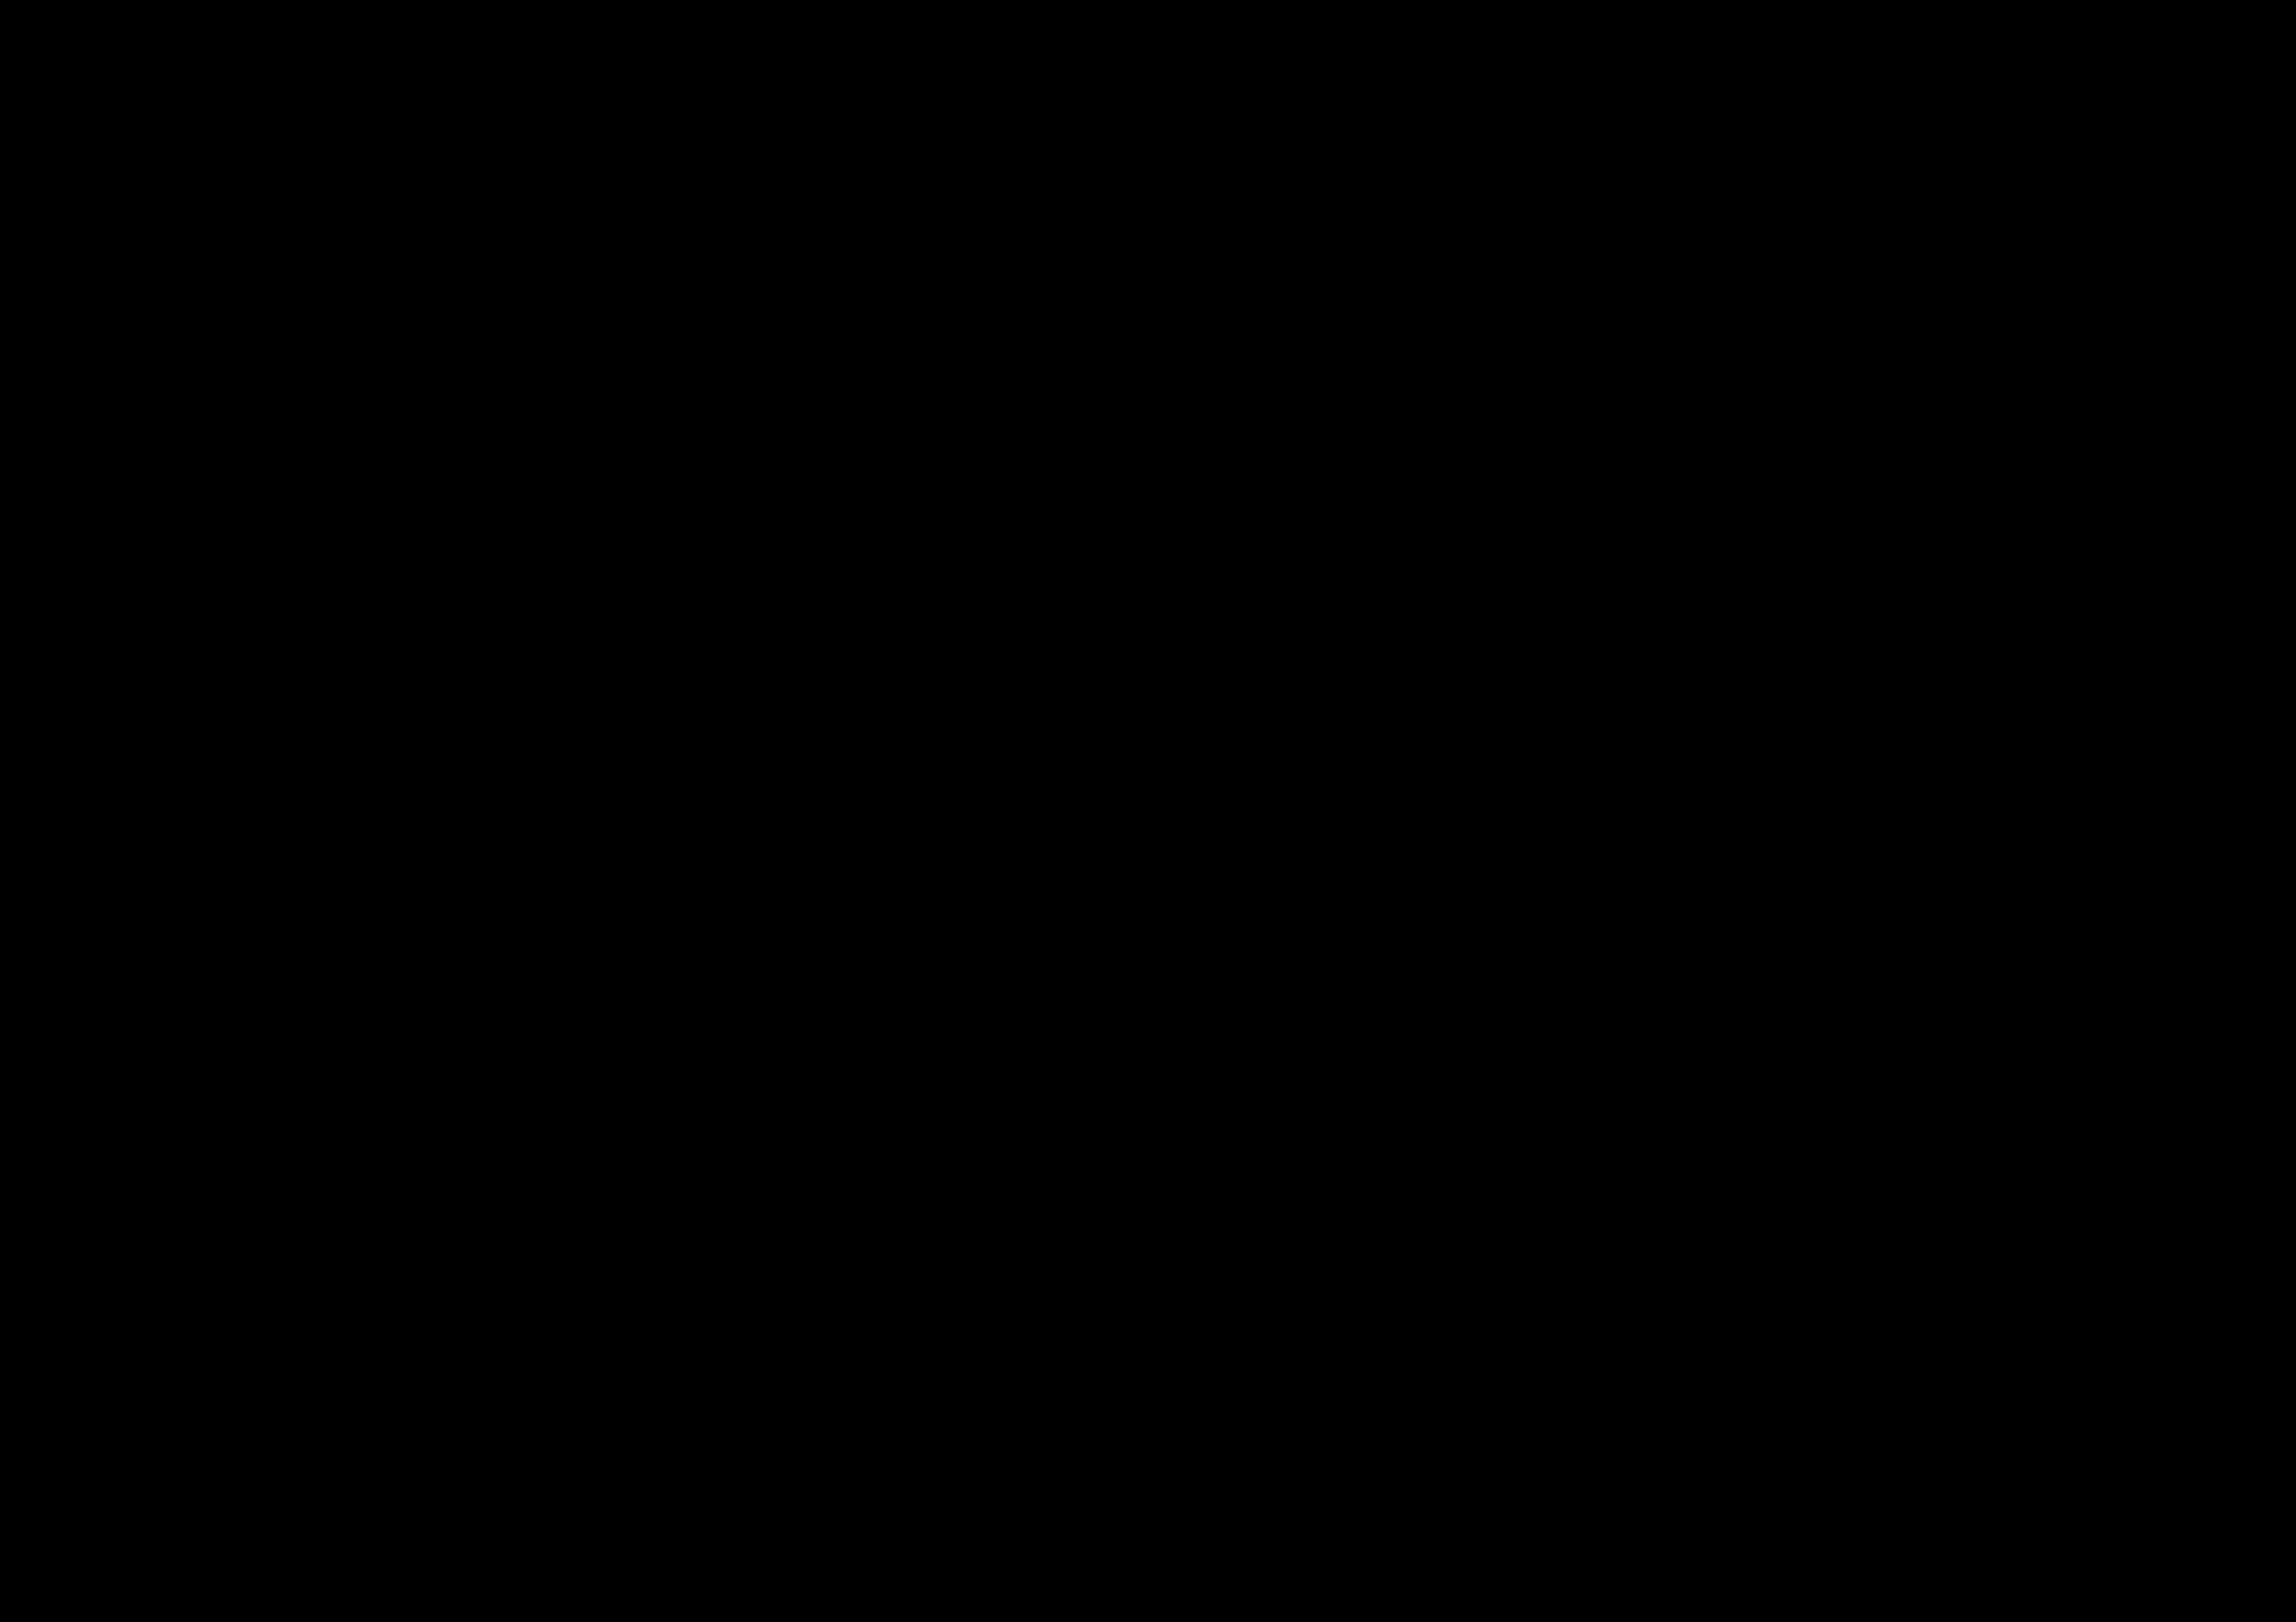 holzheizung preise f r kauf installation und betrieb. Black Bedroom Furniture Sets. Home Design Ideas